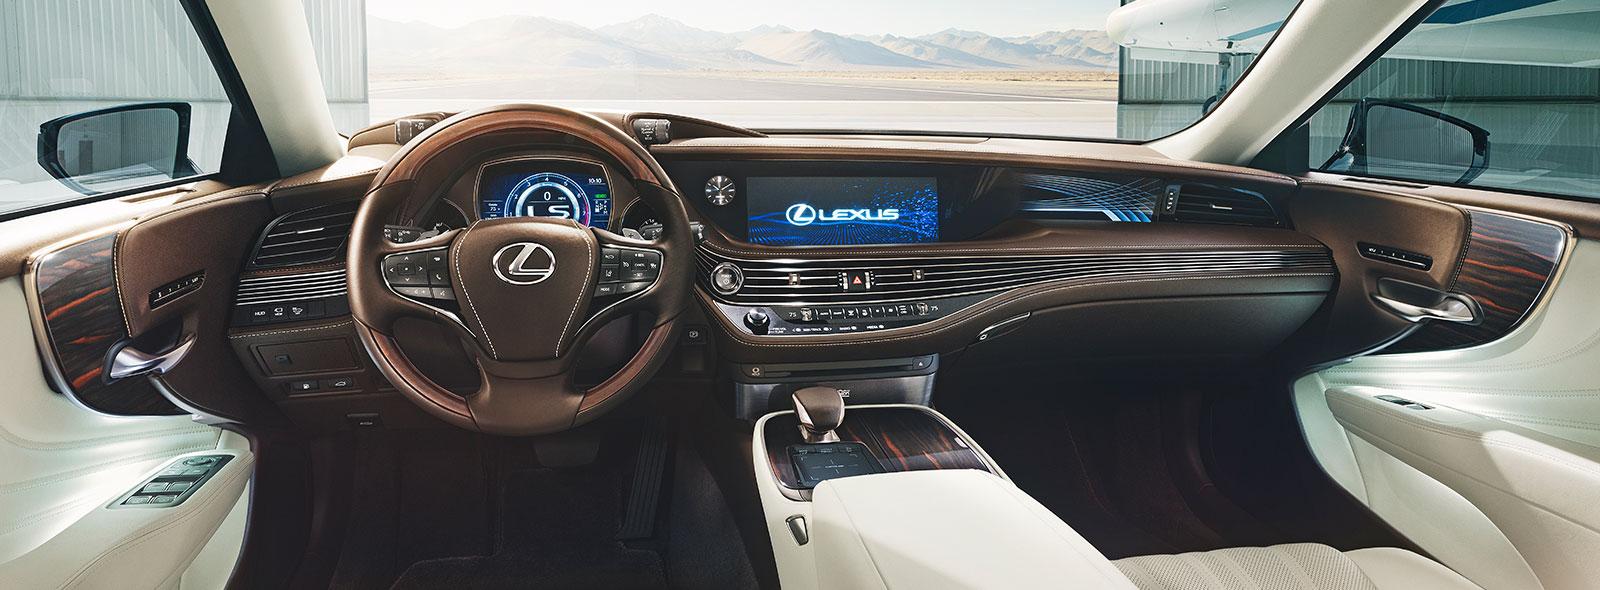 Interiörbild Lexus LS 500